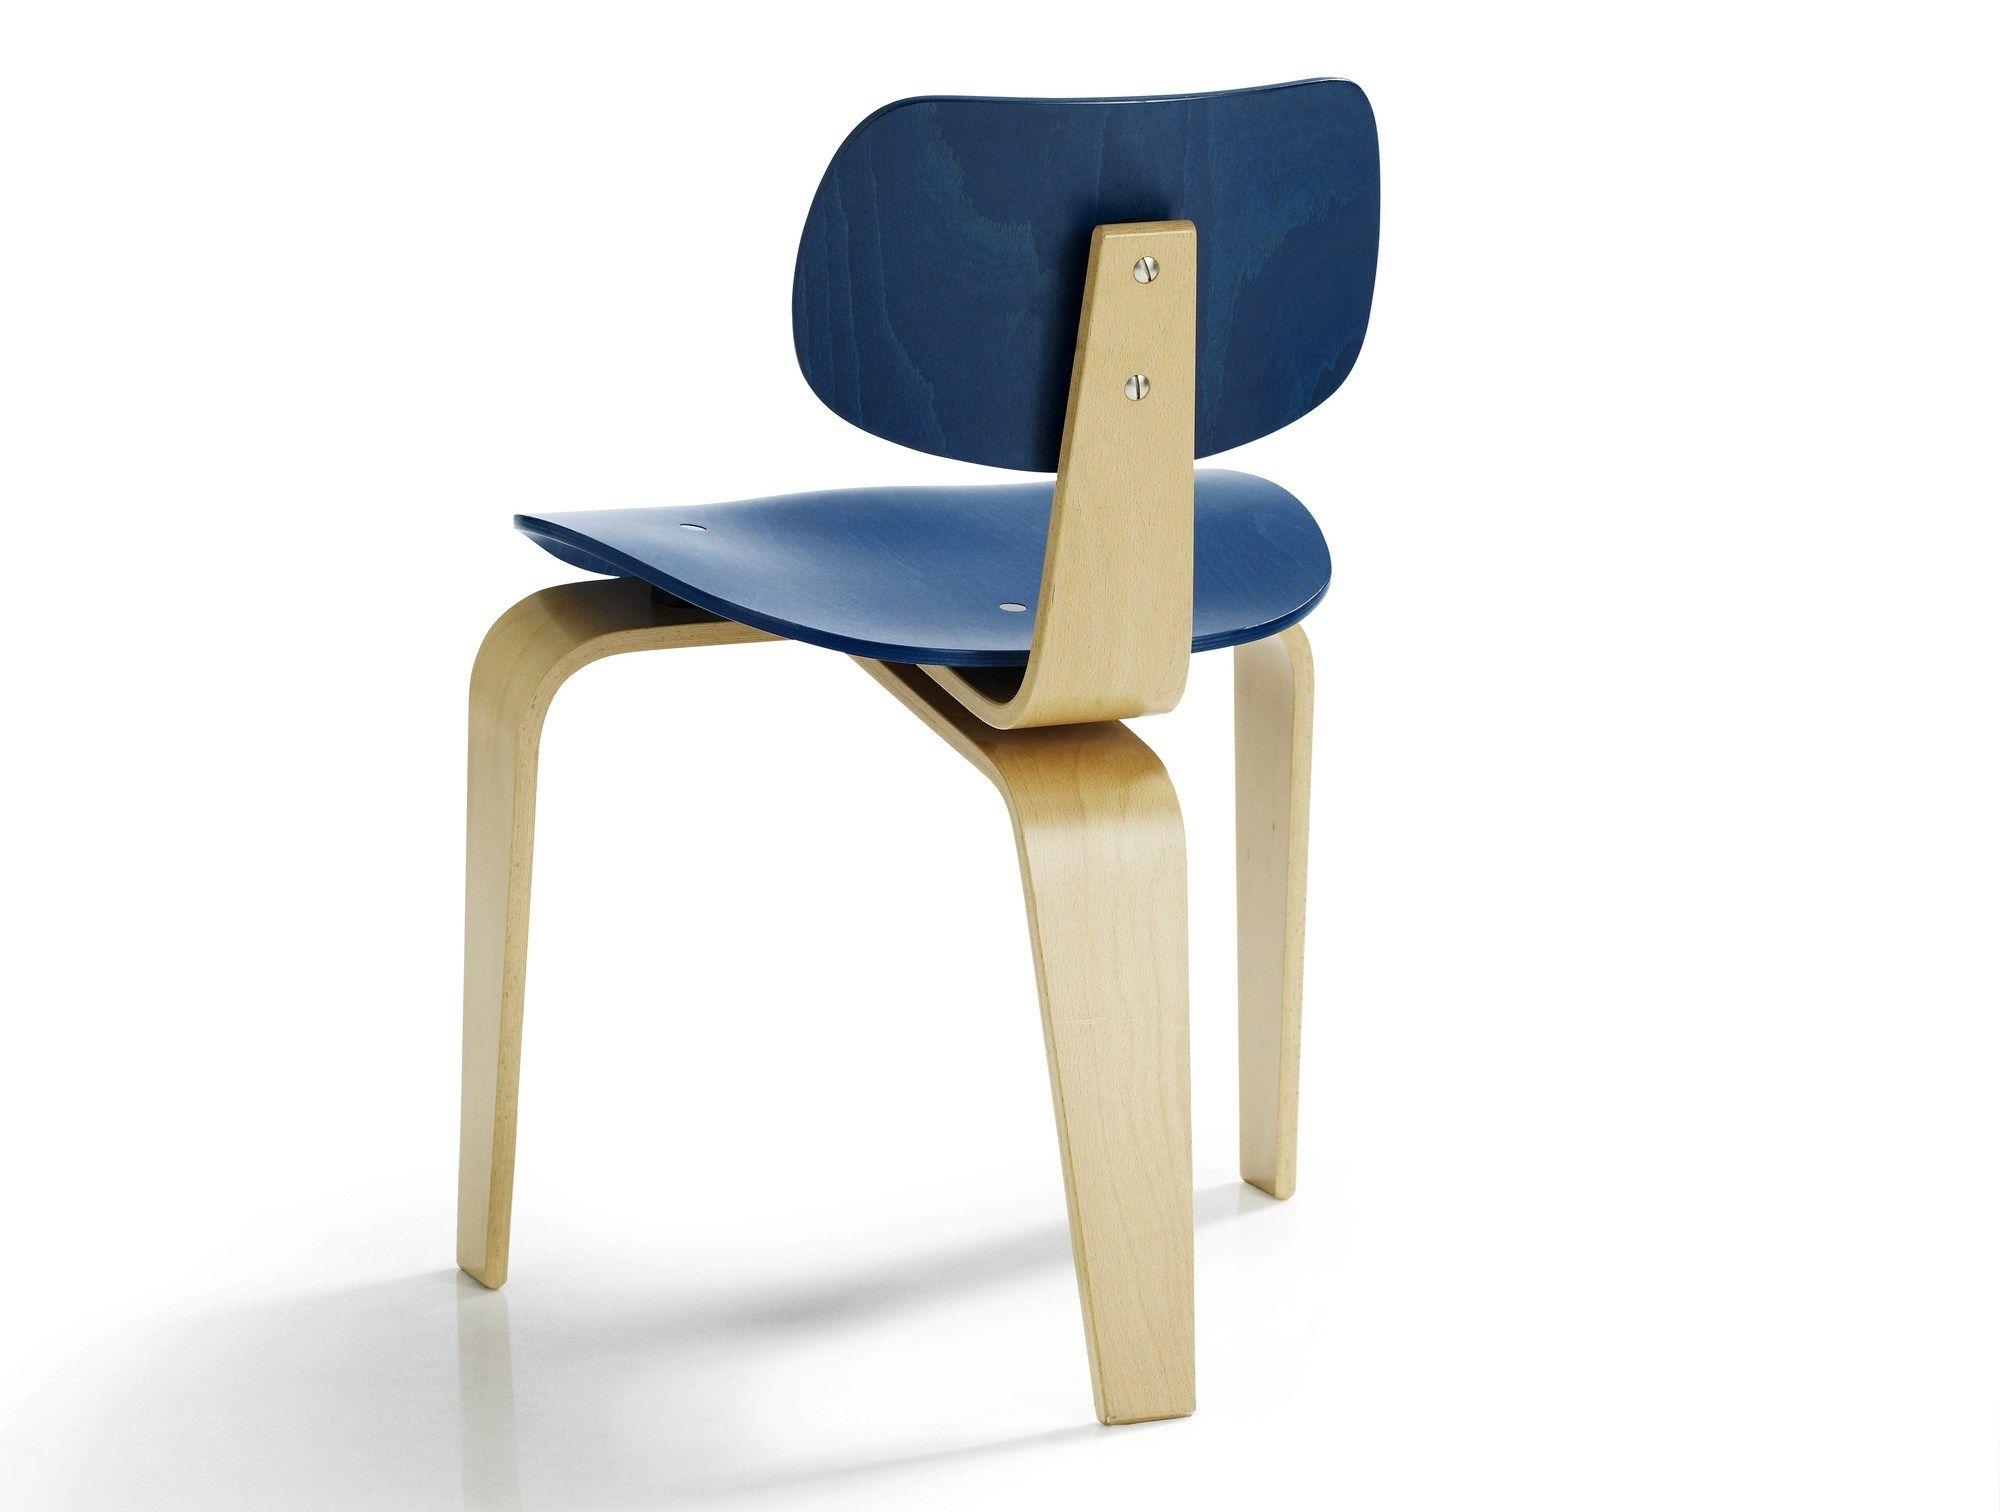 Wooden Chair Se 42 By Wilde Spieth Designmöbel Design Egon